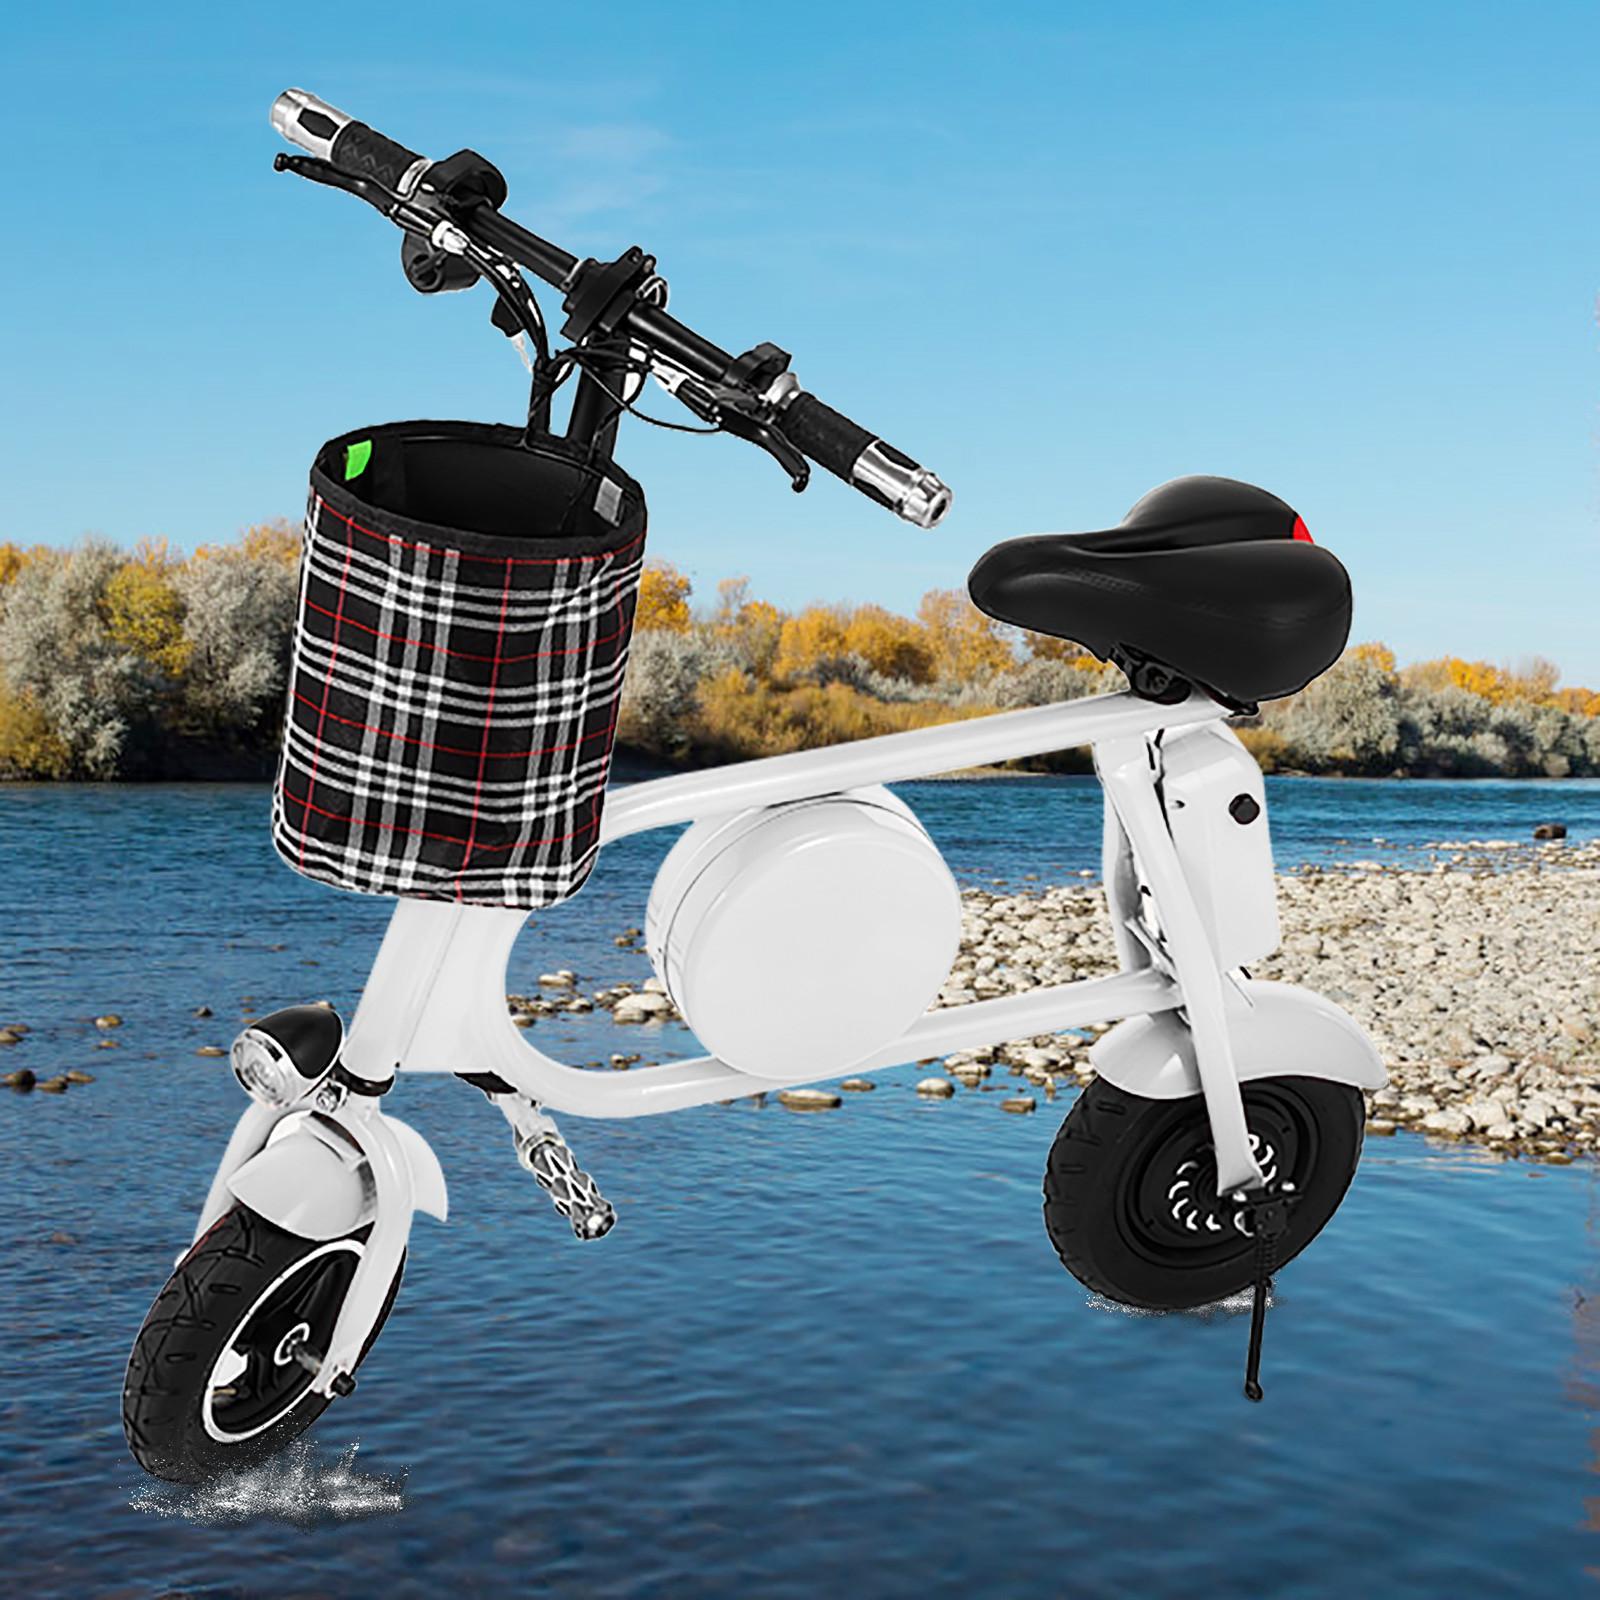 Folding-Electric-Bicycle-E-Bike-36v-battery-amp-400-Watt-Motor-Portable-eBike-FF thumbnail 48